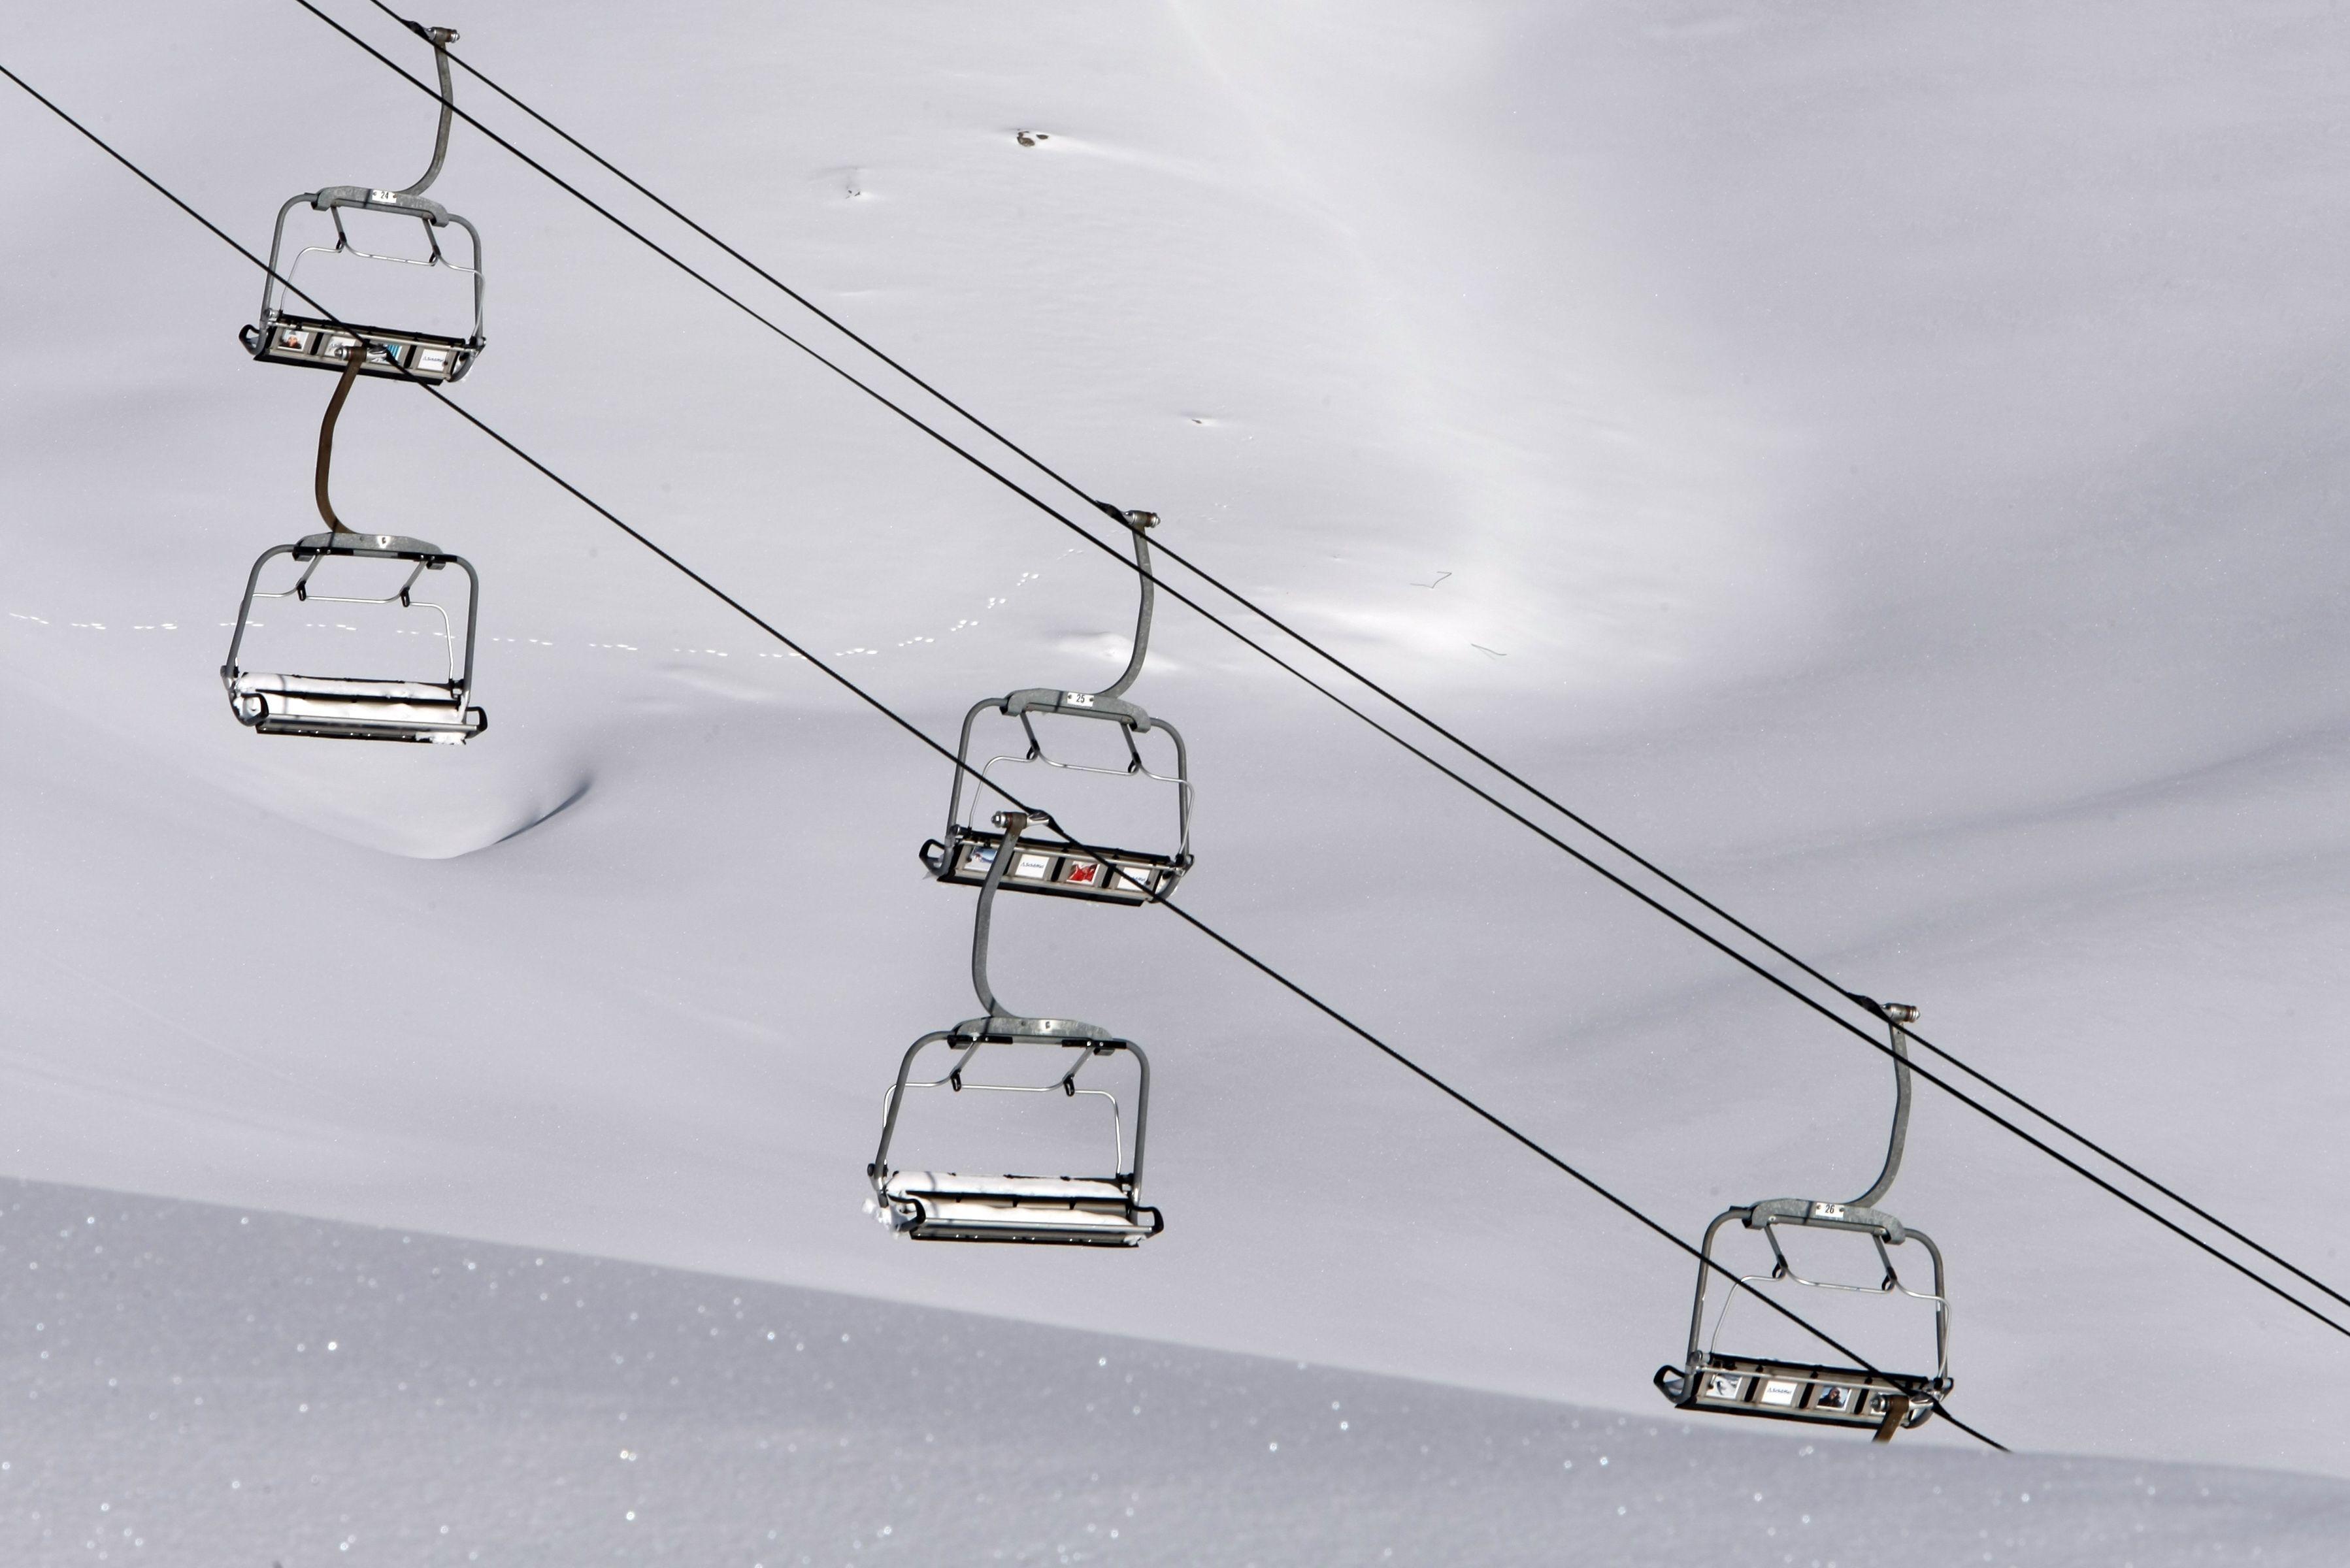 Merkel soll Allgäuer Skibetrieb zu Weihnachtsferien zulassen